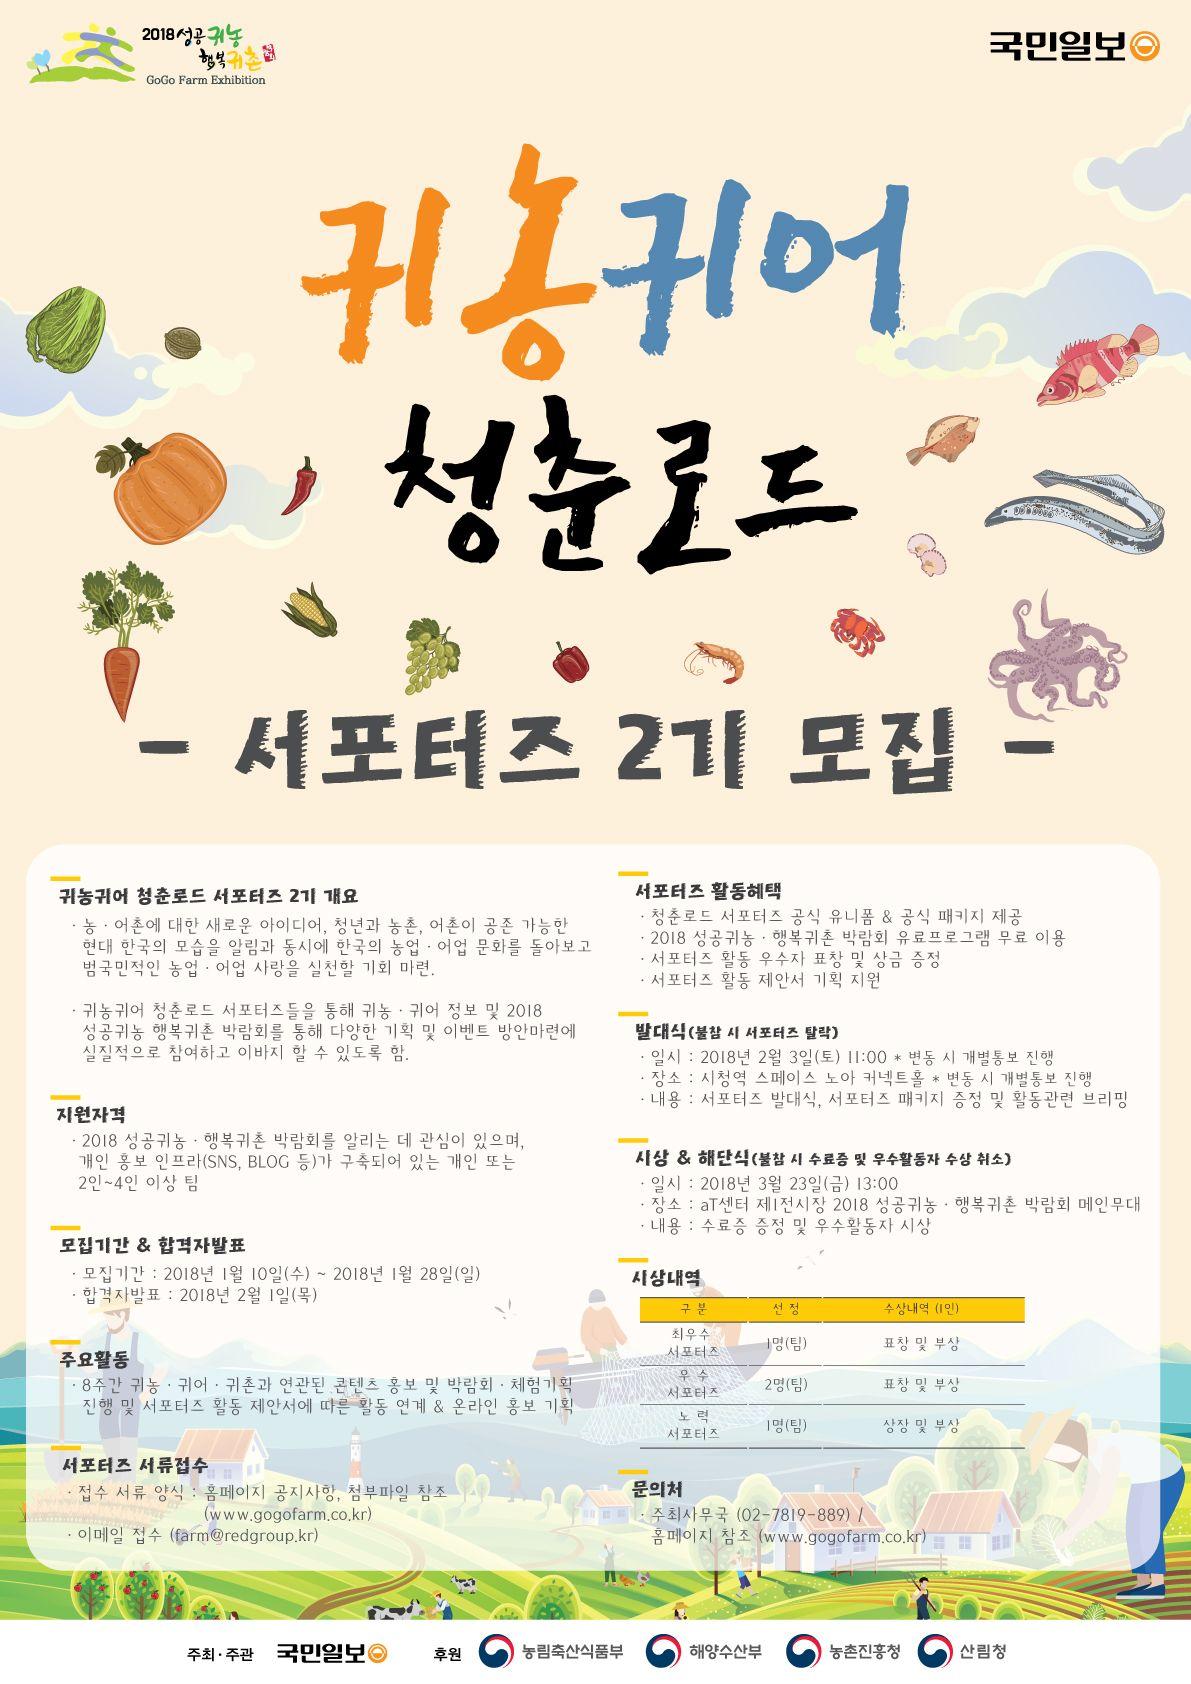 2018 귀농귀어 청춘로드 서포터즈 2기